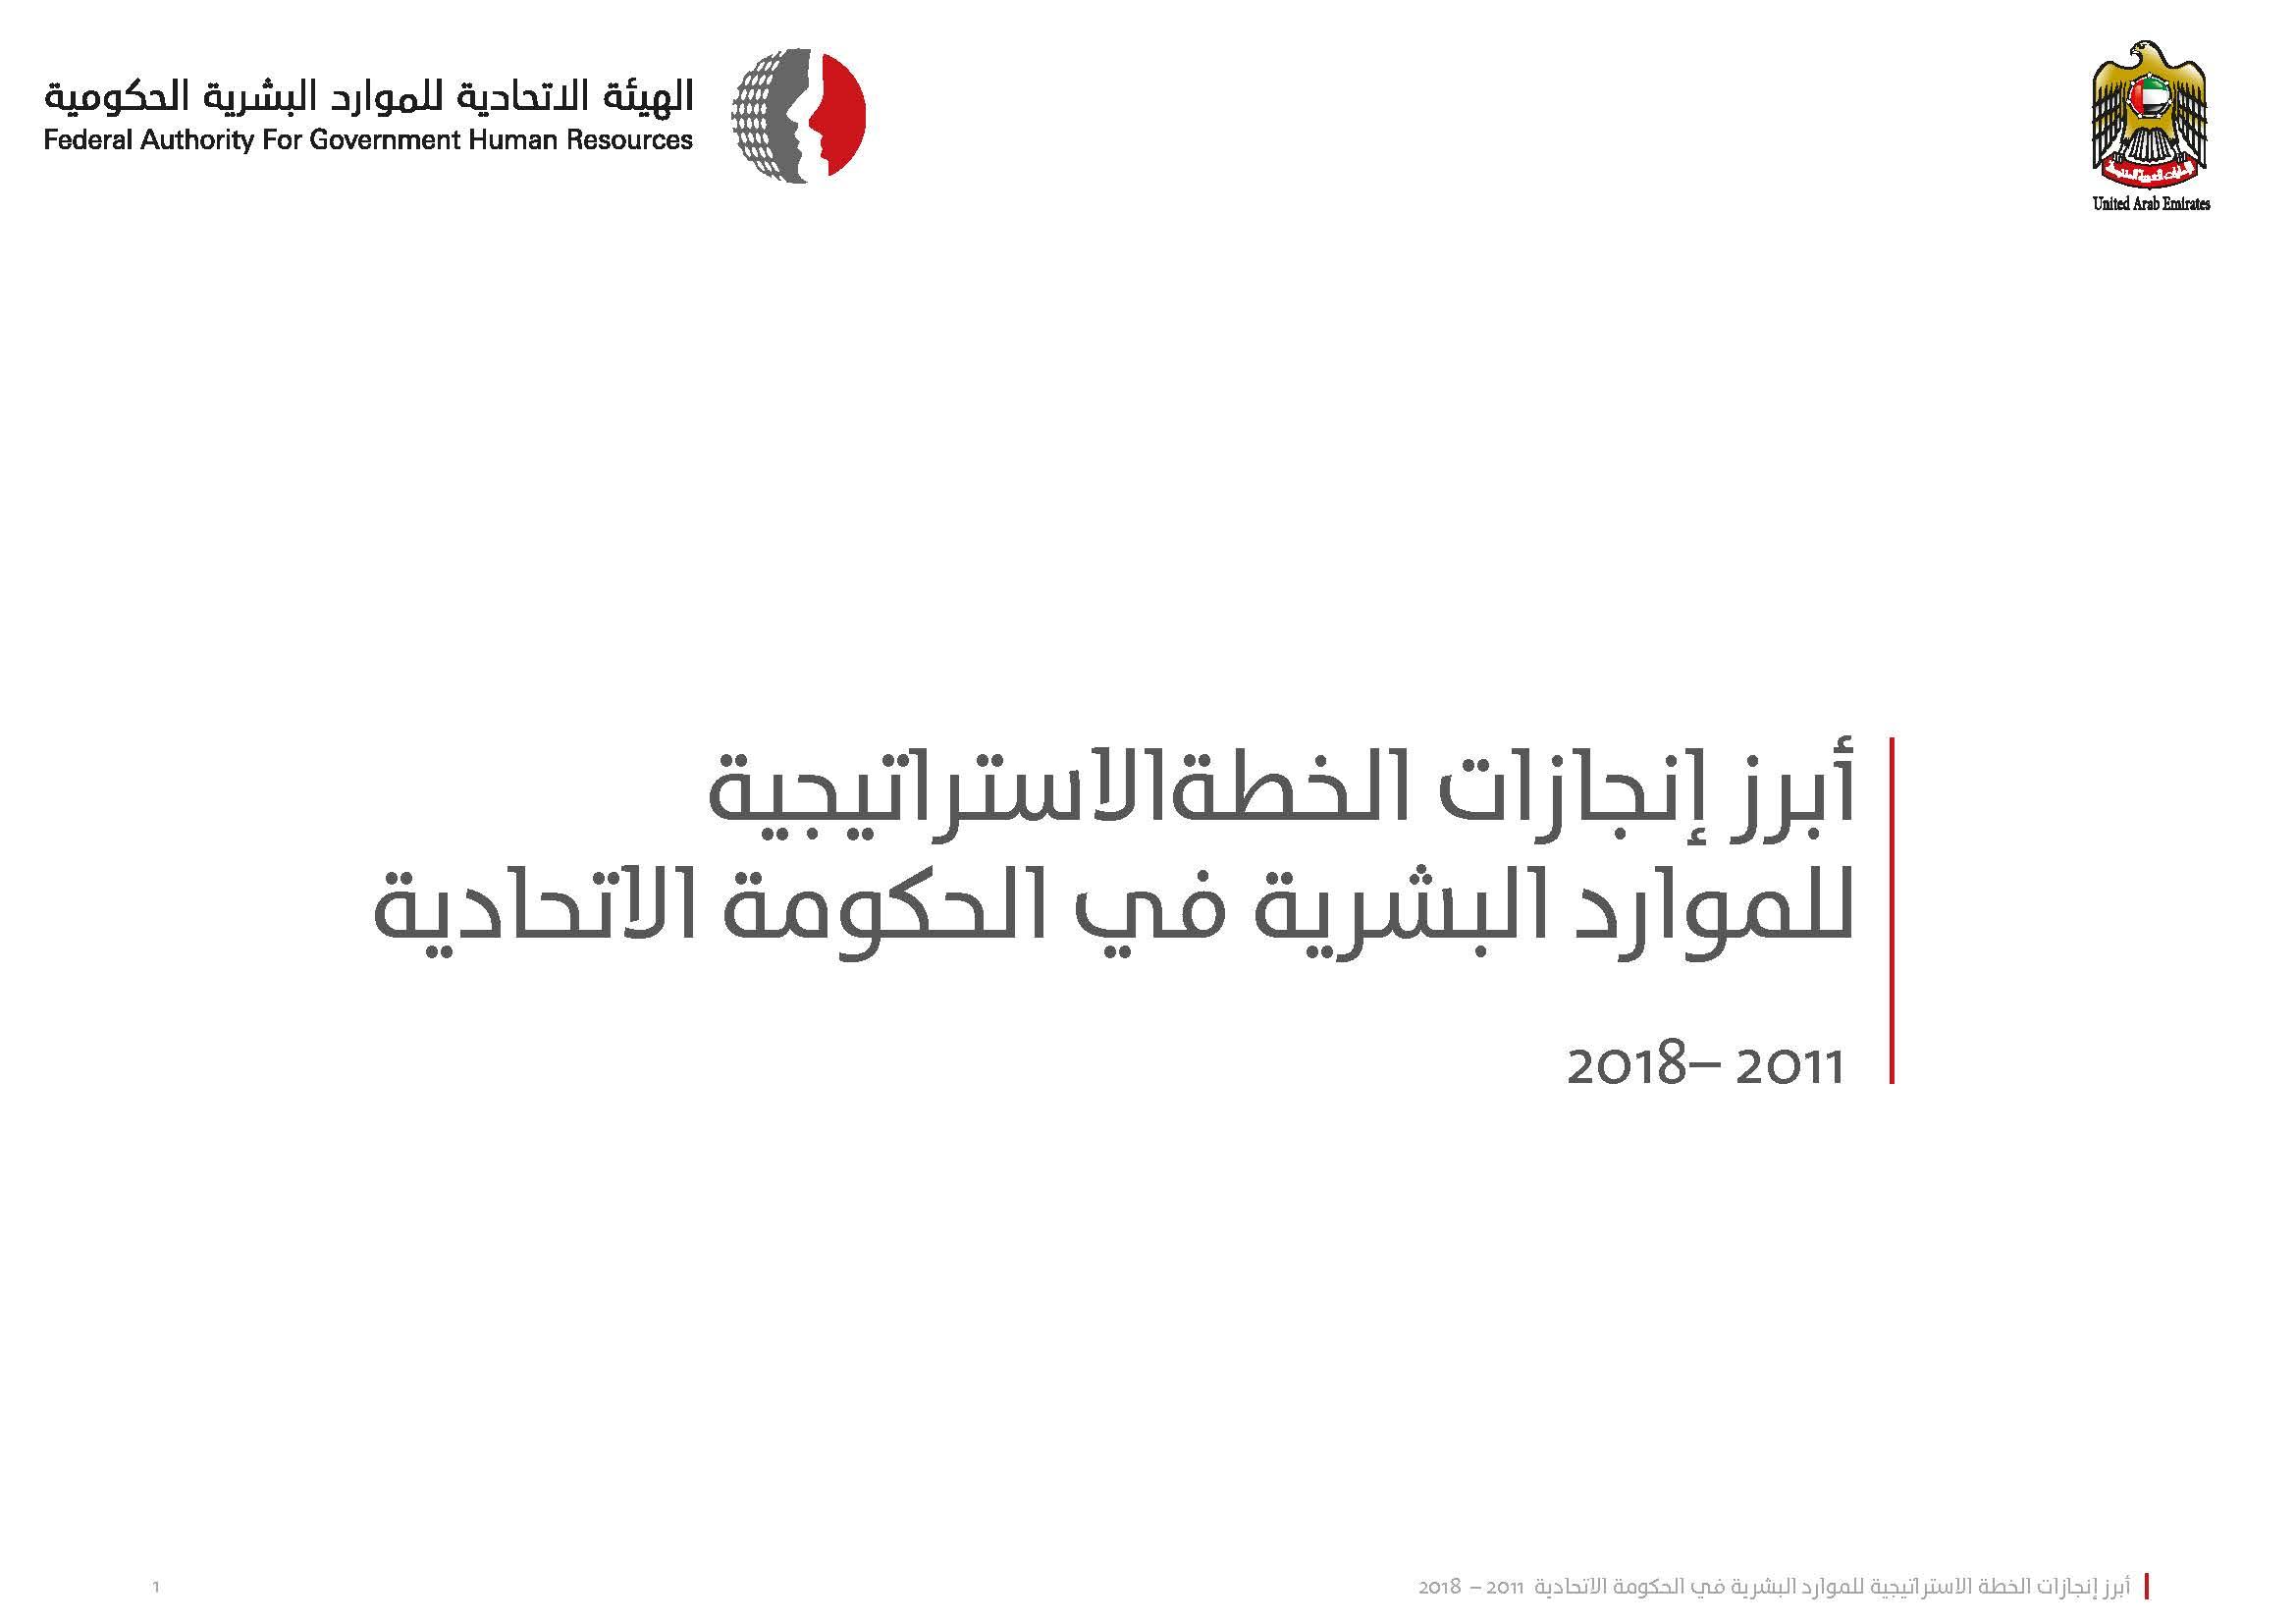 أبرز إنجازات الهيئة الاستراتيجية 2011 - 2018